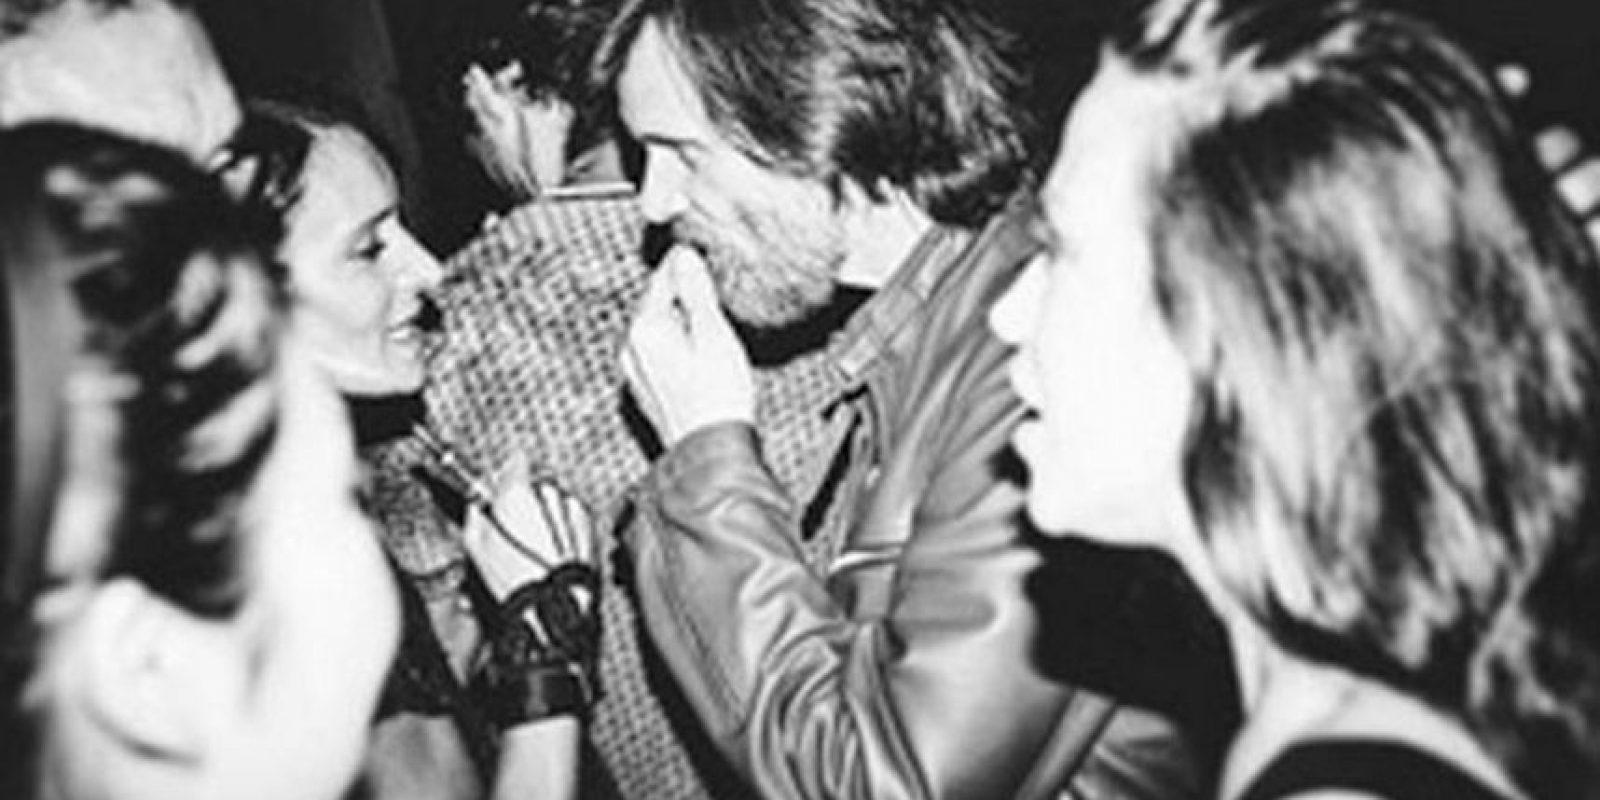 El actor se encontró con amigos y celebró toda la noche. Foto:vía instagram.com/littleirishcat